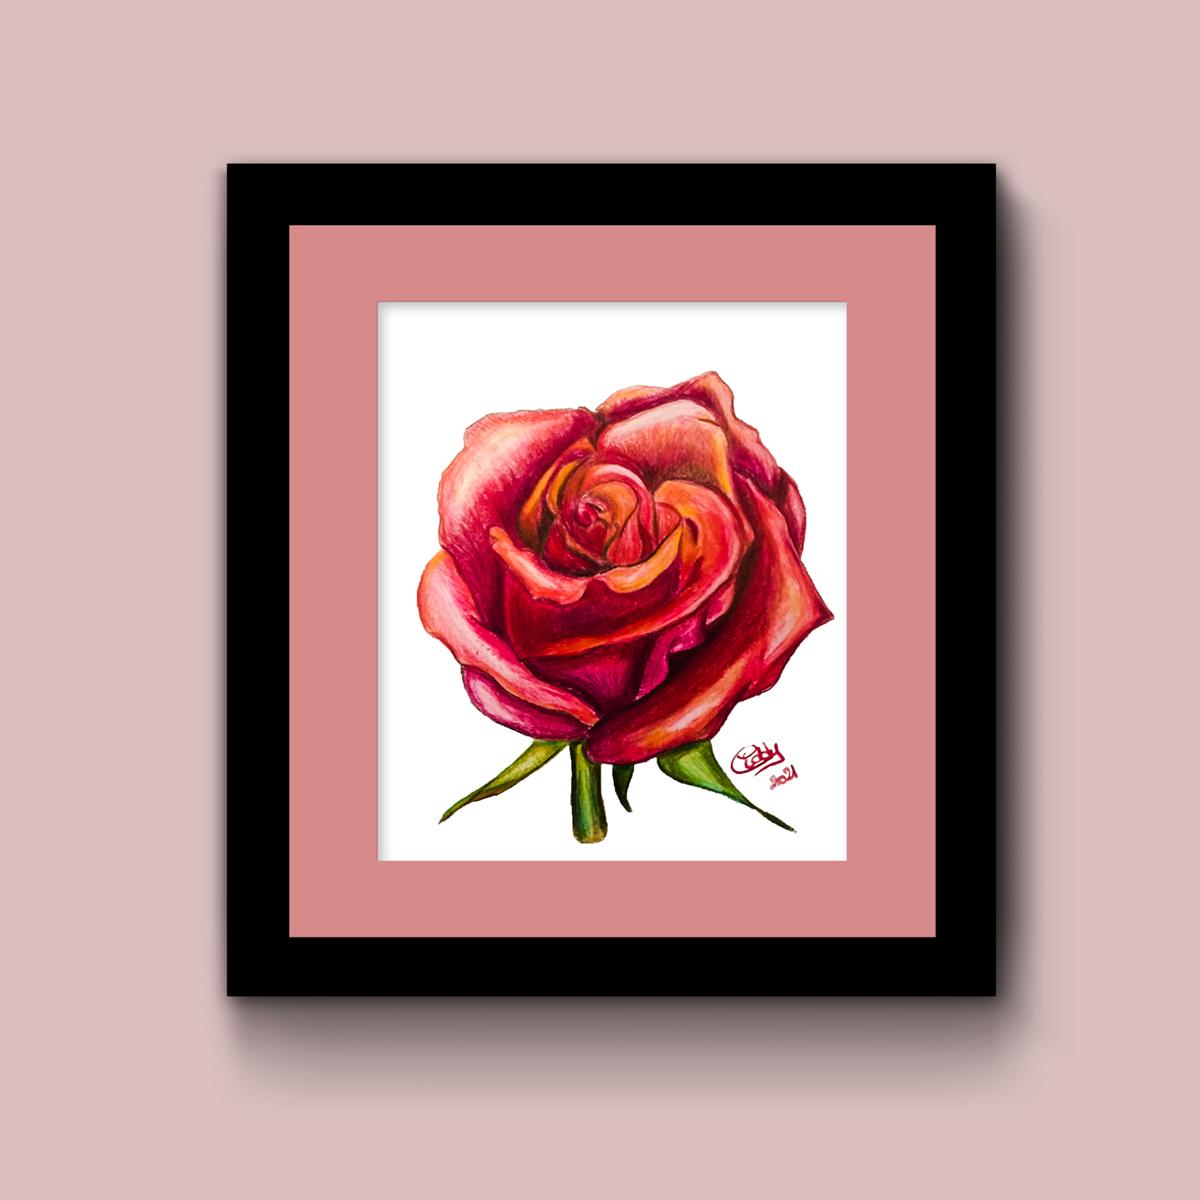 illustration dessin aux crayons fleur rose rouge dans cadre noir sur fond rose